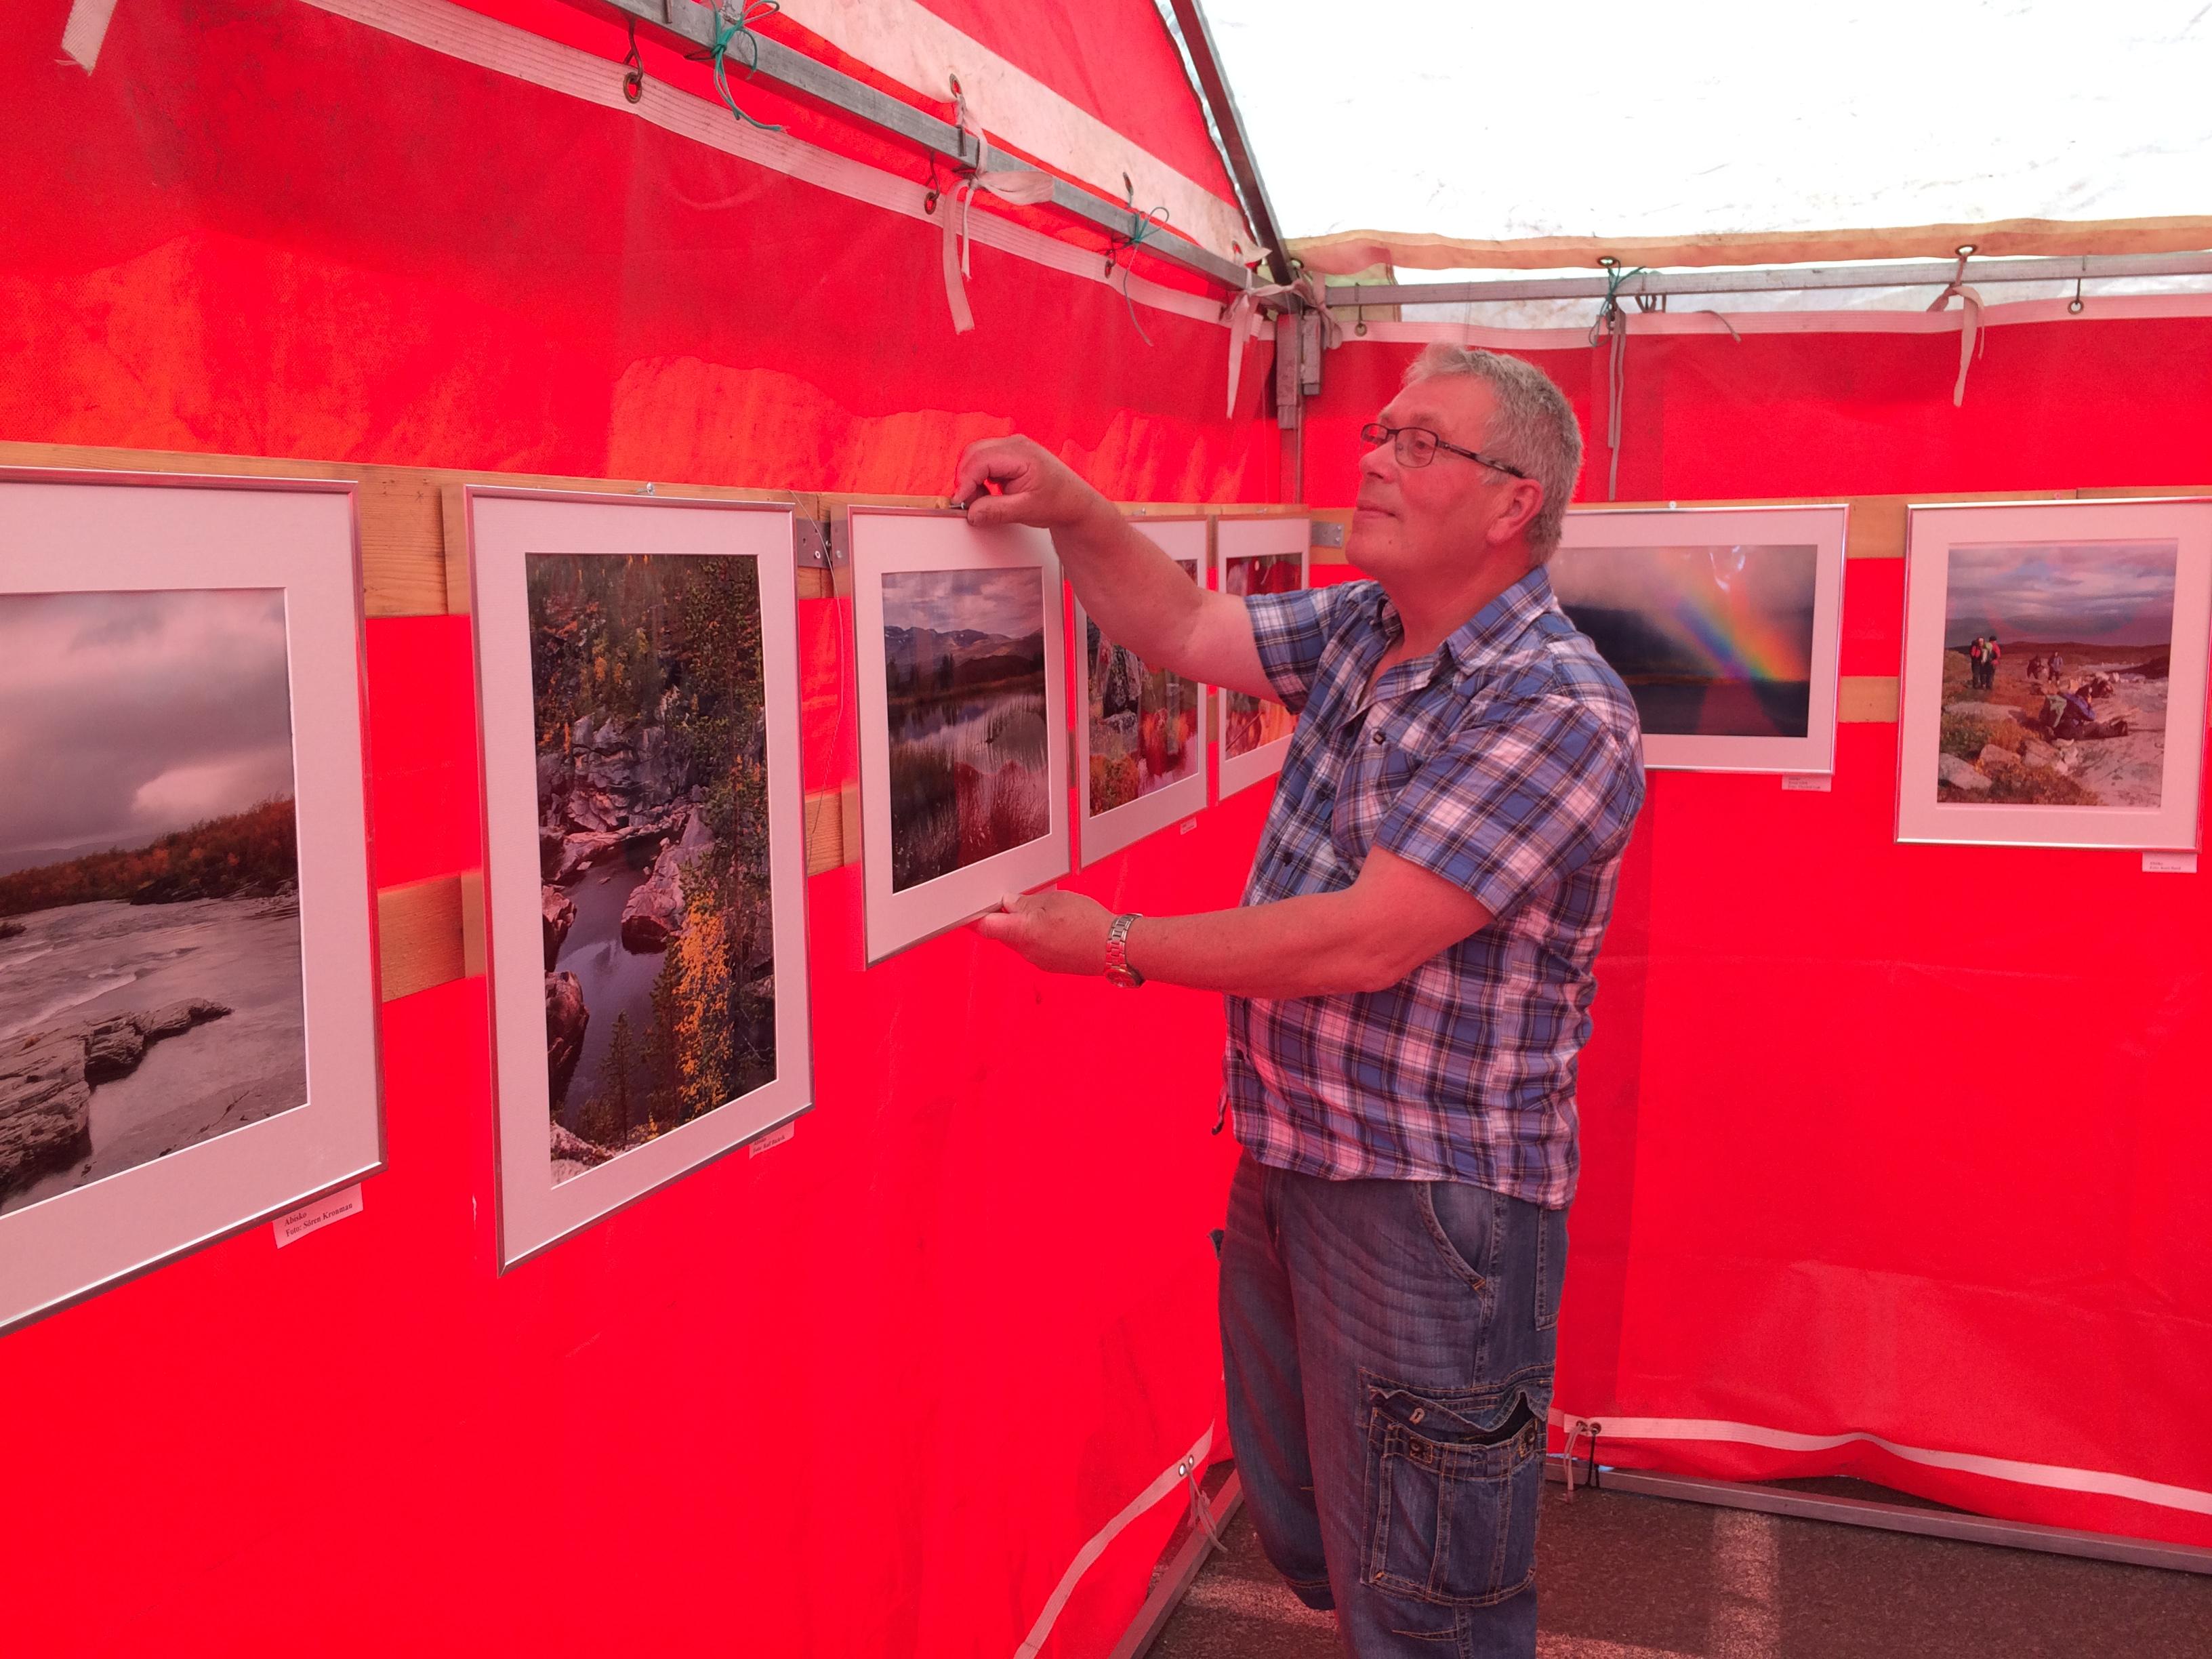 Amatörfotografen Leif Sandbacka från Närpes är aktiv medlem i fotoklubben Focus, som brukar ordna fotoutställningar under Tomatkarnevalen. Leifs pappa Elis föddes och växte upp där Sandbacka-Emelas i Klemetsändan, nästan i Storfors.